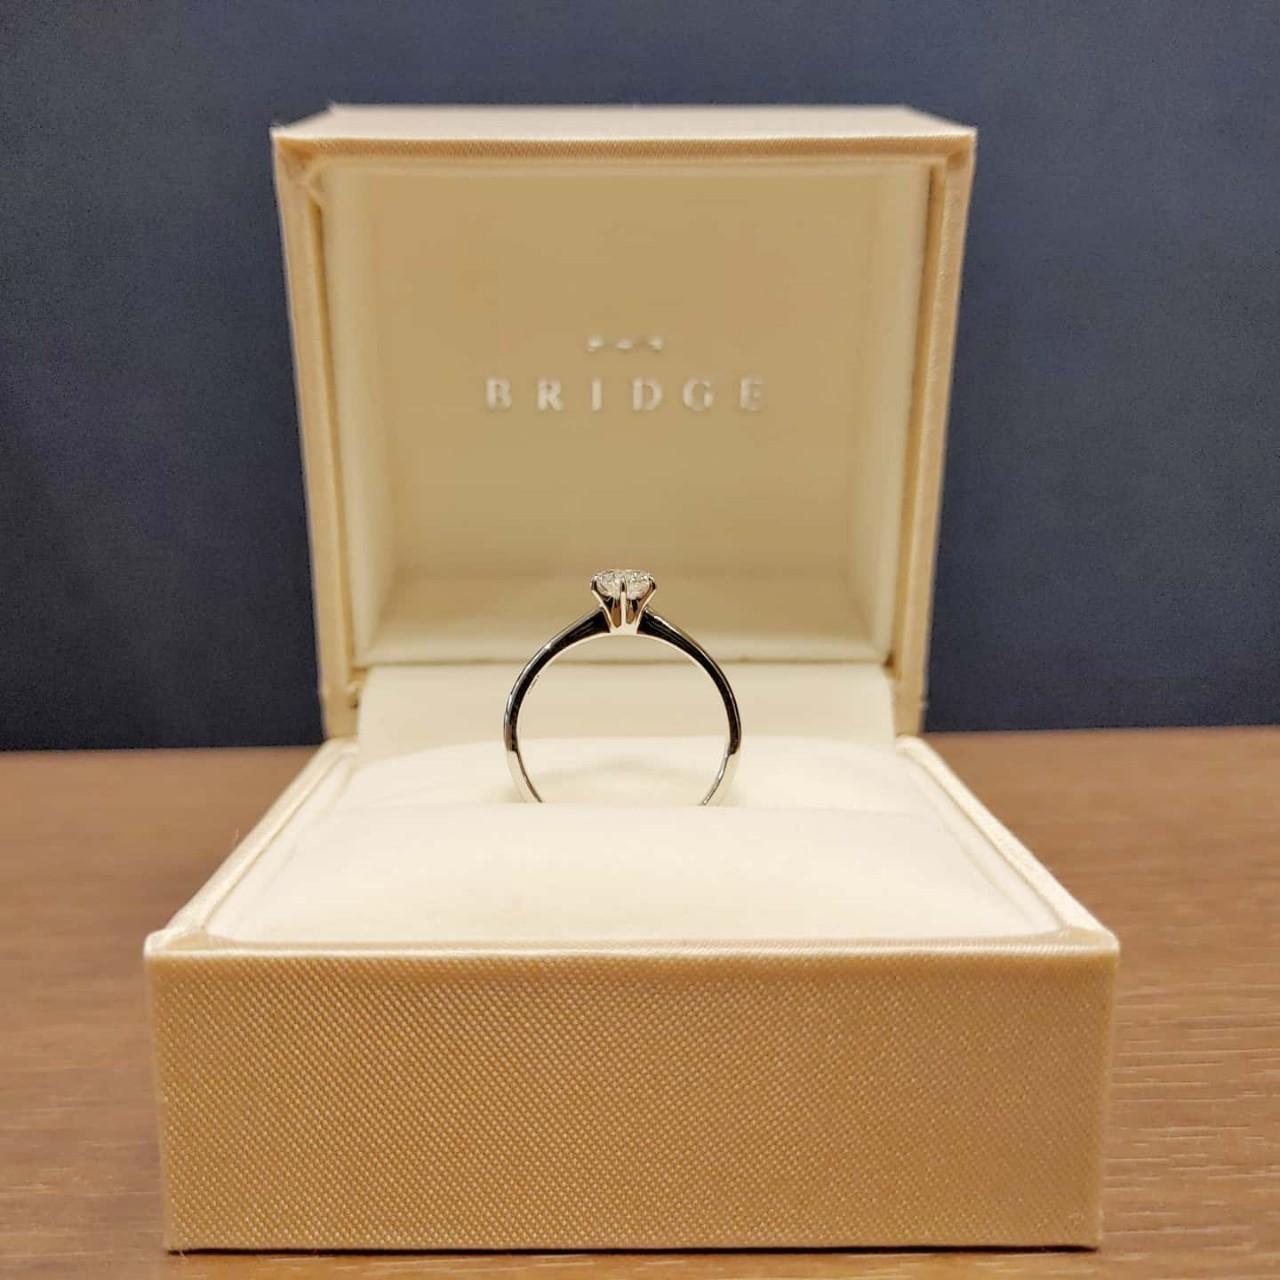 一輪の薔薇をモチーフとしたプラチナシンプルの婚約指輪(エンゲージリング)です。プロポーズリングとしても人気があります。